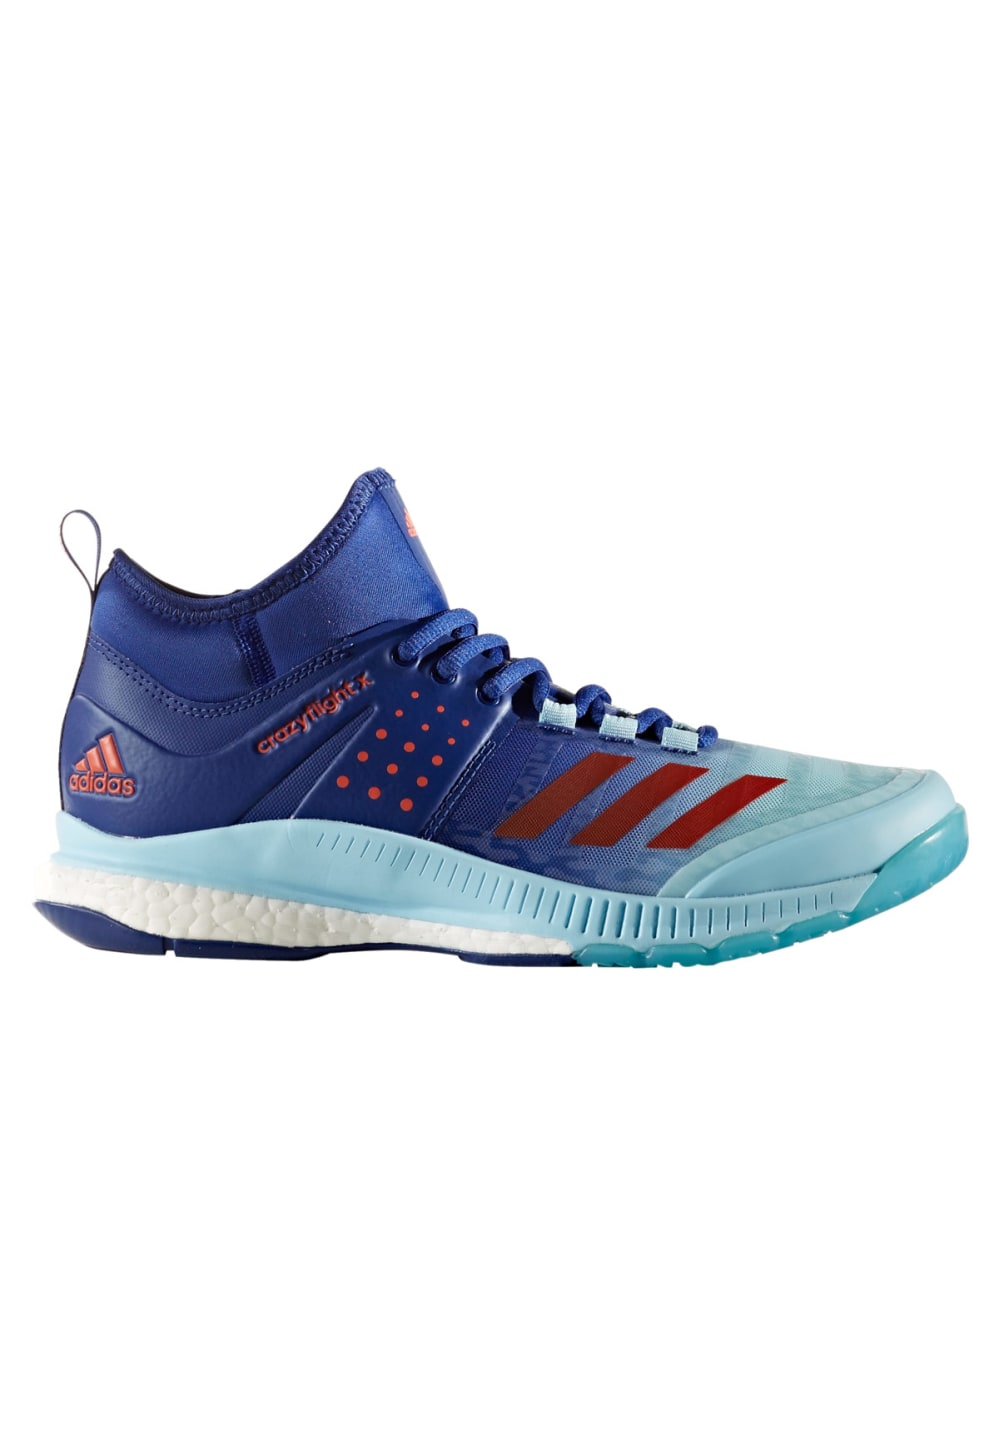 adidas Crazyflight X Mid - Volleyballschuhe für Damen - Blau